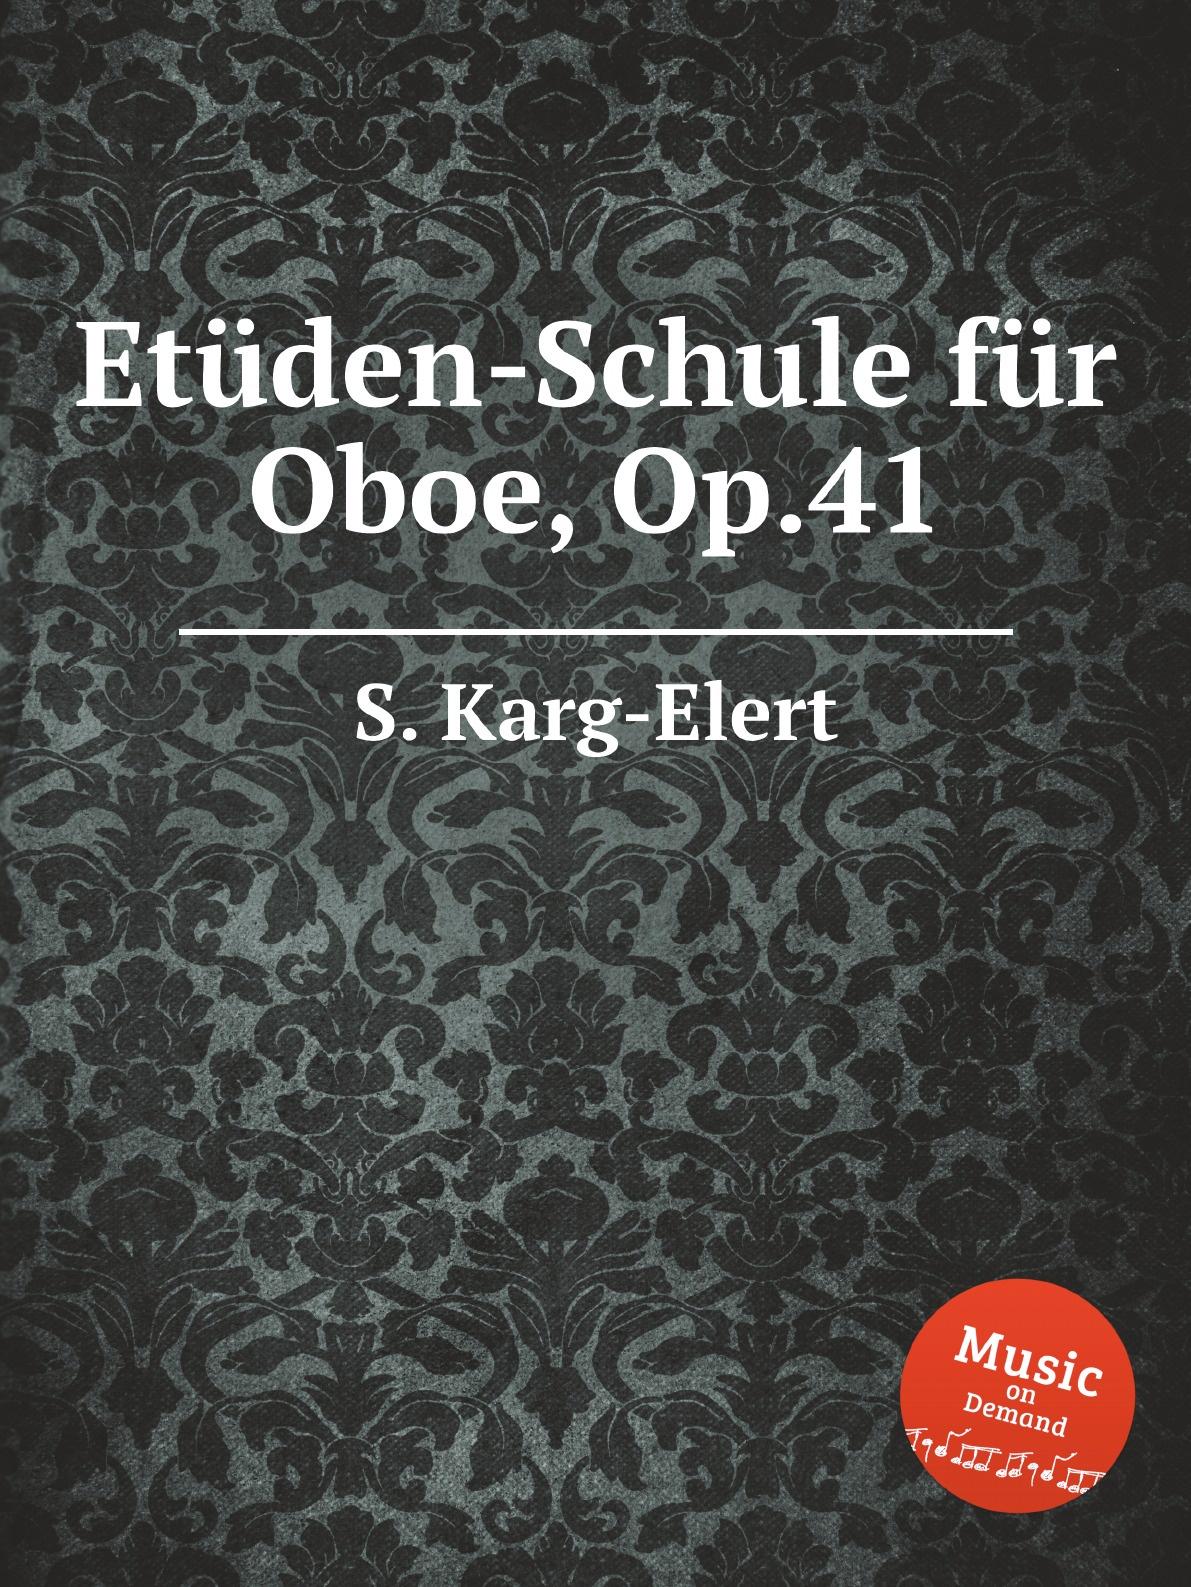 S. Karg-Elert Etuden-Schule fur Oboe, Op.41